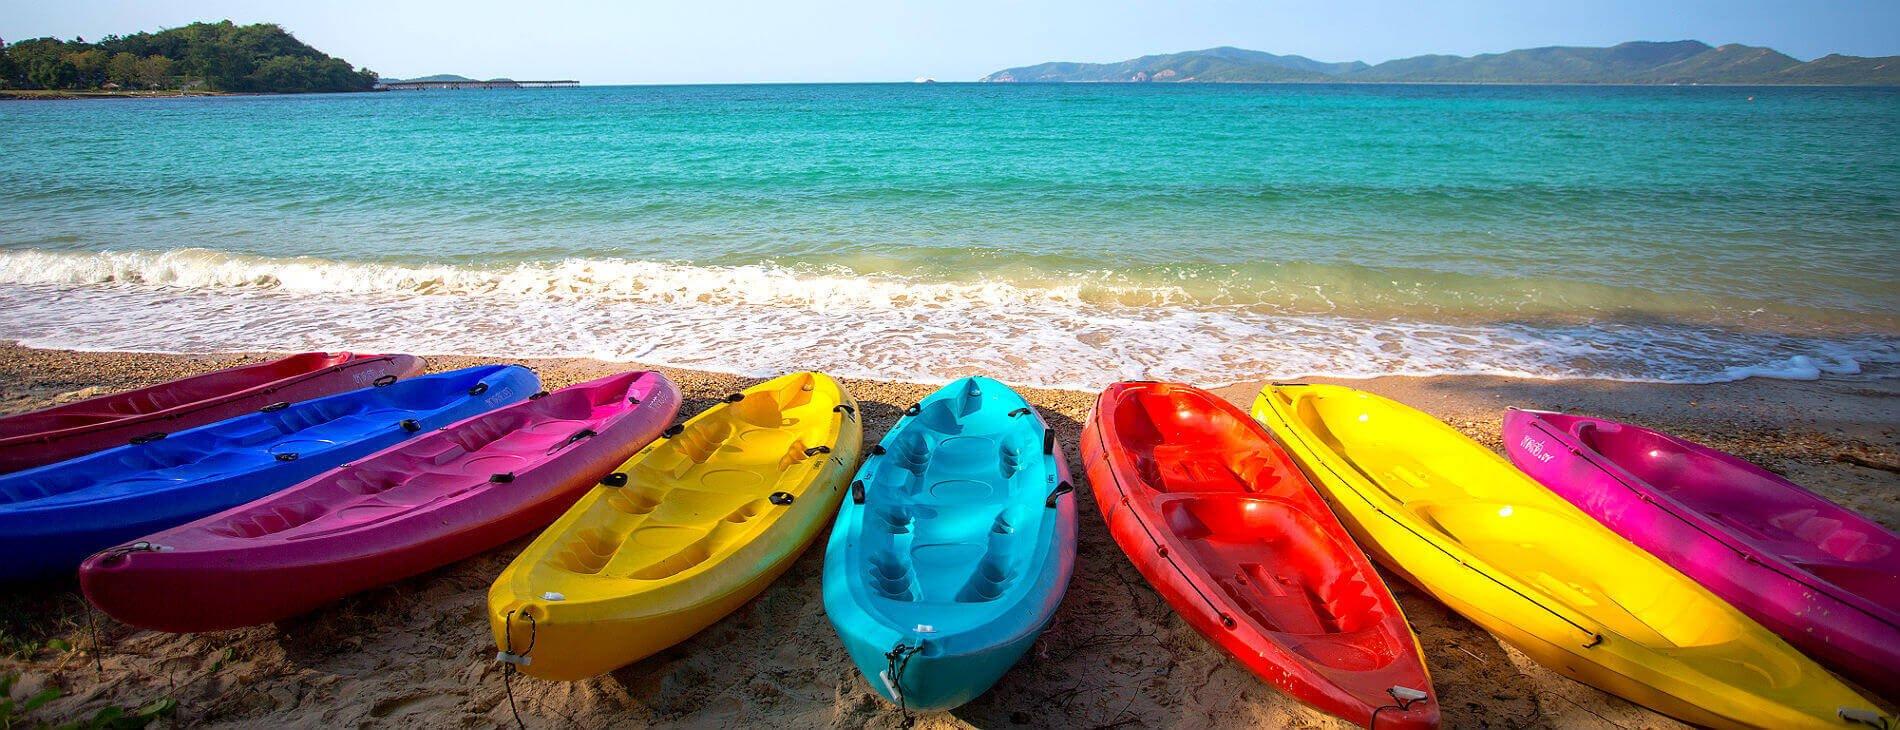 Mastropatagonico-ElSalvador-kayak-spiaggia